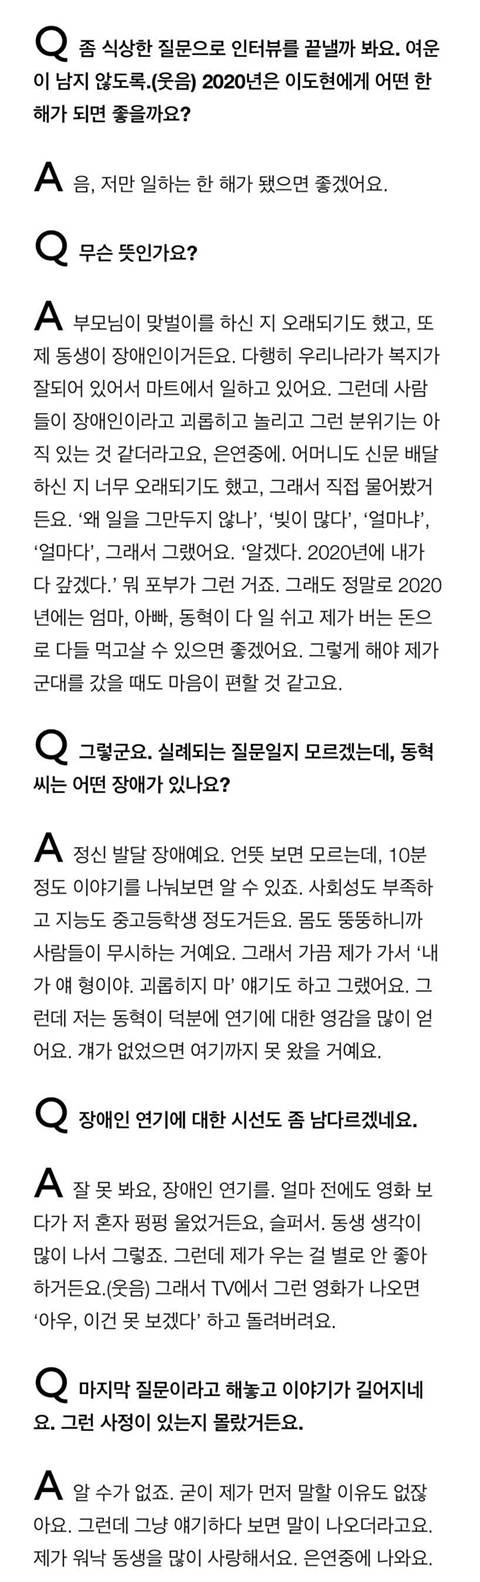 발달장애인 동생을 둔 배우 이도현 인터뷰   인스티즈